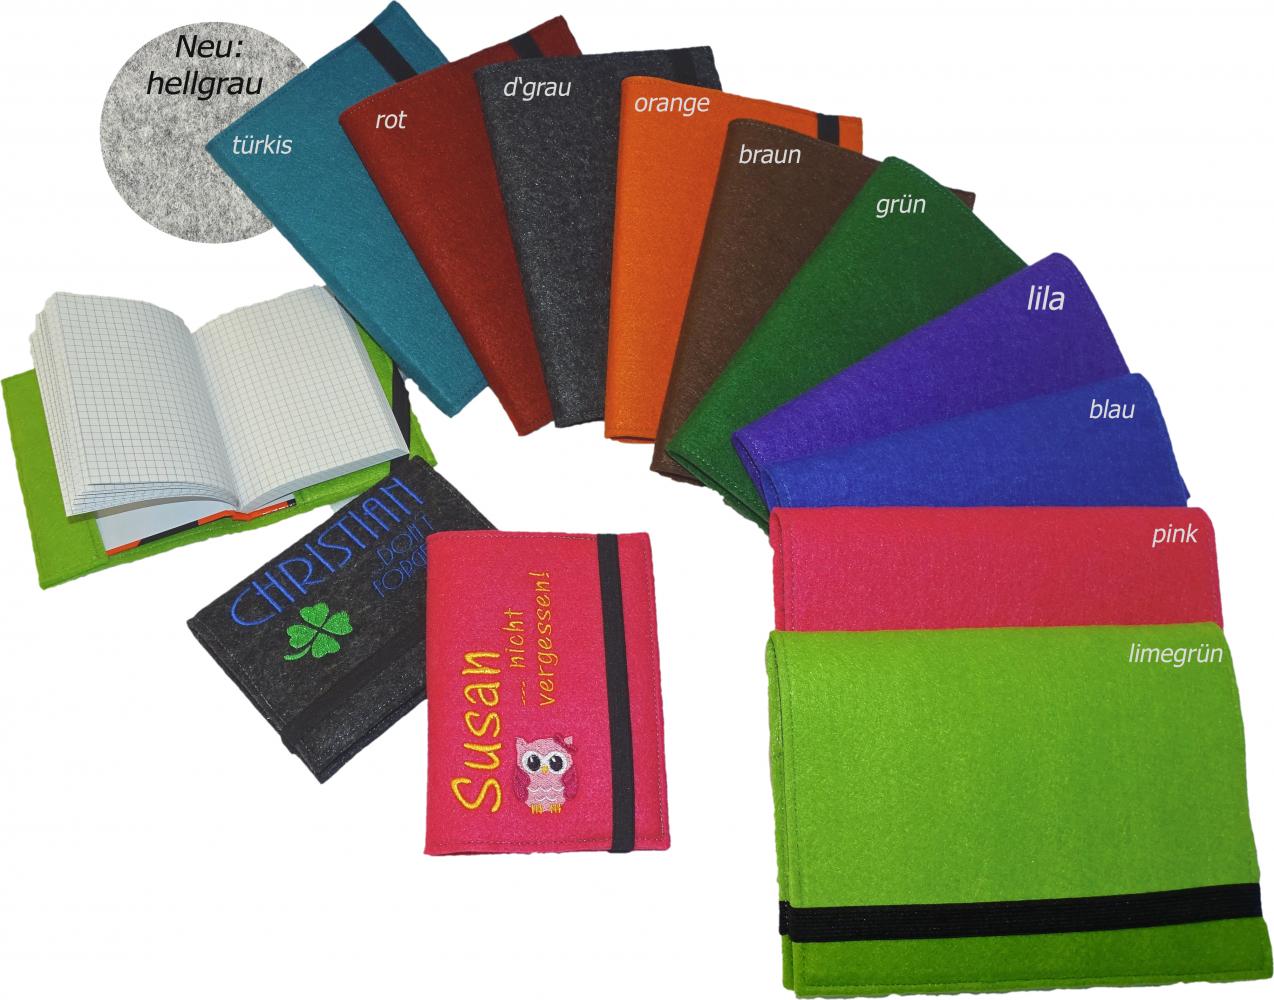 gio shop wollfilz filzumschlag buchumschlag bucheinband notizbuch a6 mit namen. Black Bedroom Furniture Sets. Home Design Ideas